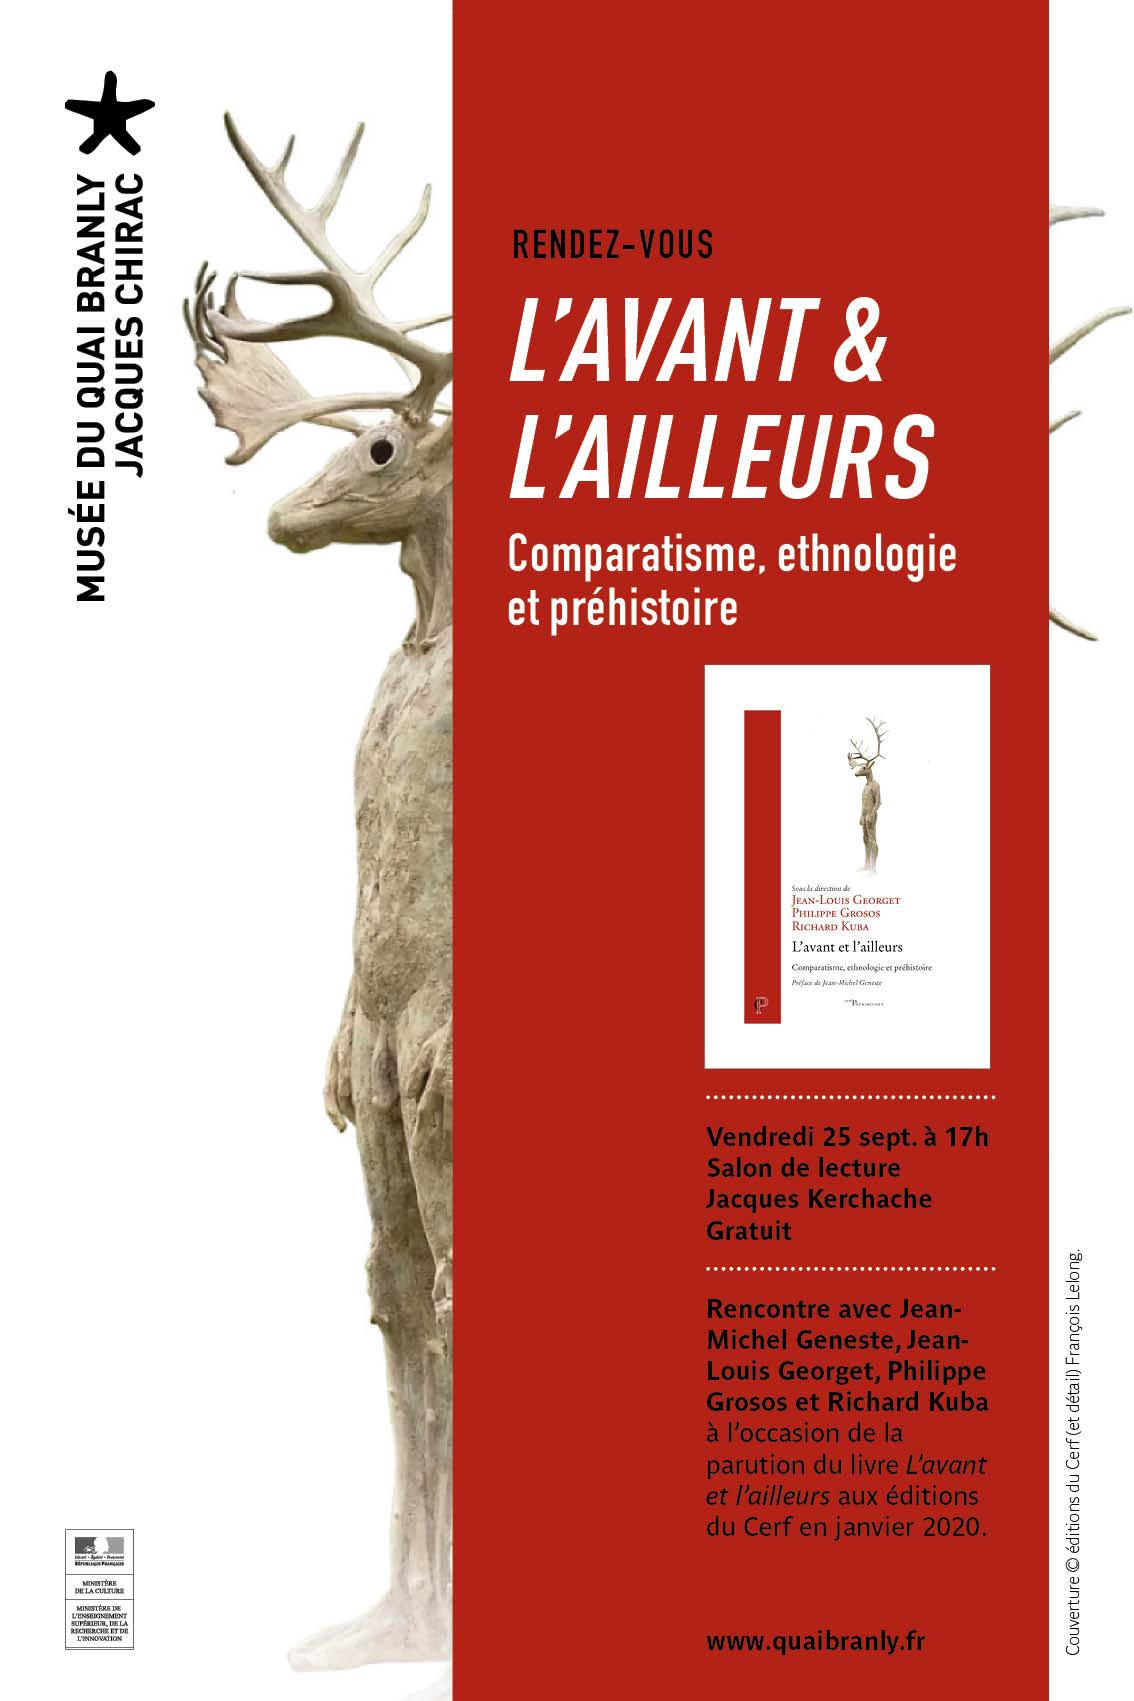 http://www.quaibranly.fr/fileadmin/user_upload/2-Evenements/rdv-salon-de-lecture/2020-21-rdv-salon-de-lecture/2020_Conferences/2020_09-23_Lavantetlailleurs.jpg